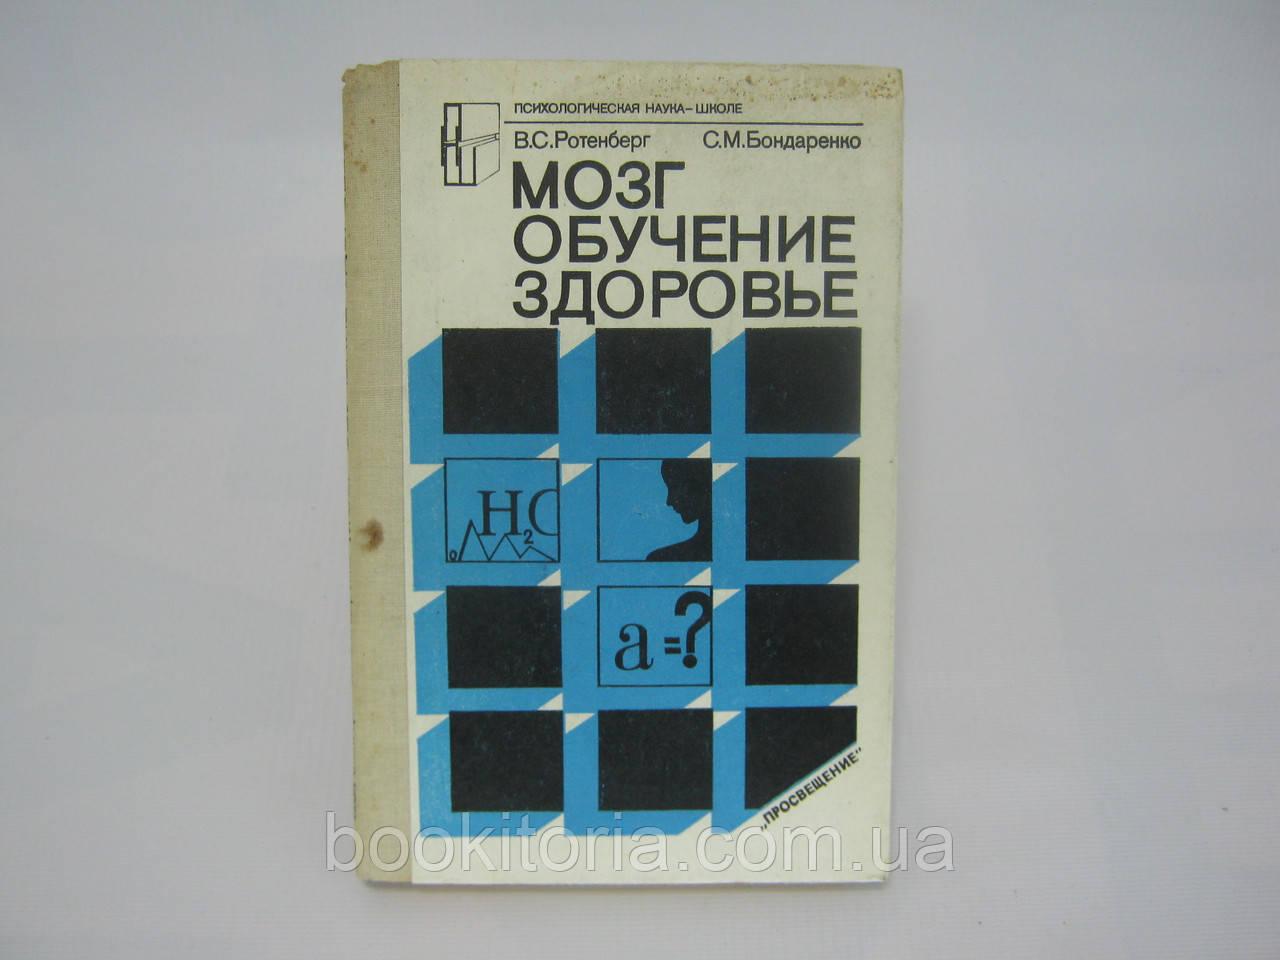 Ротенберг В.С. и др. Мозг. Обучение. Здоровье (б/у).